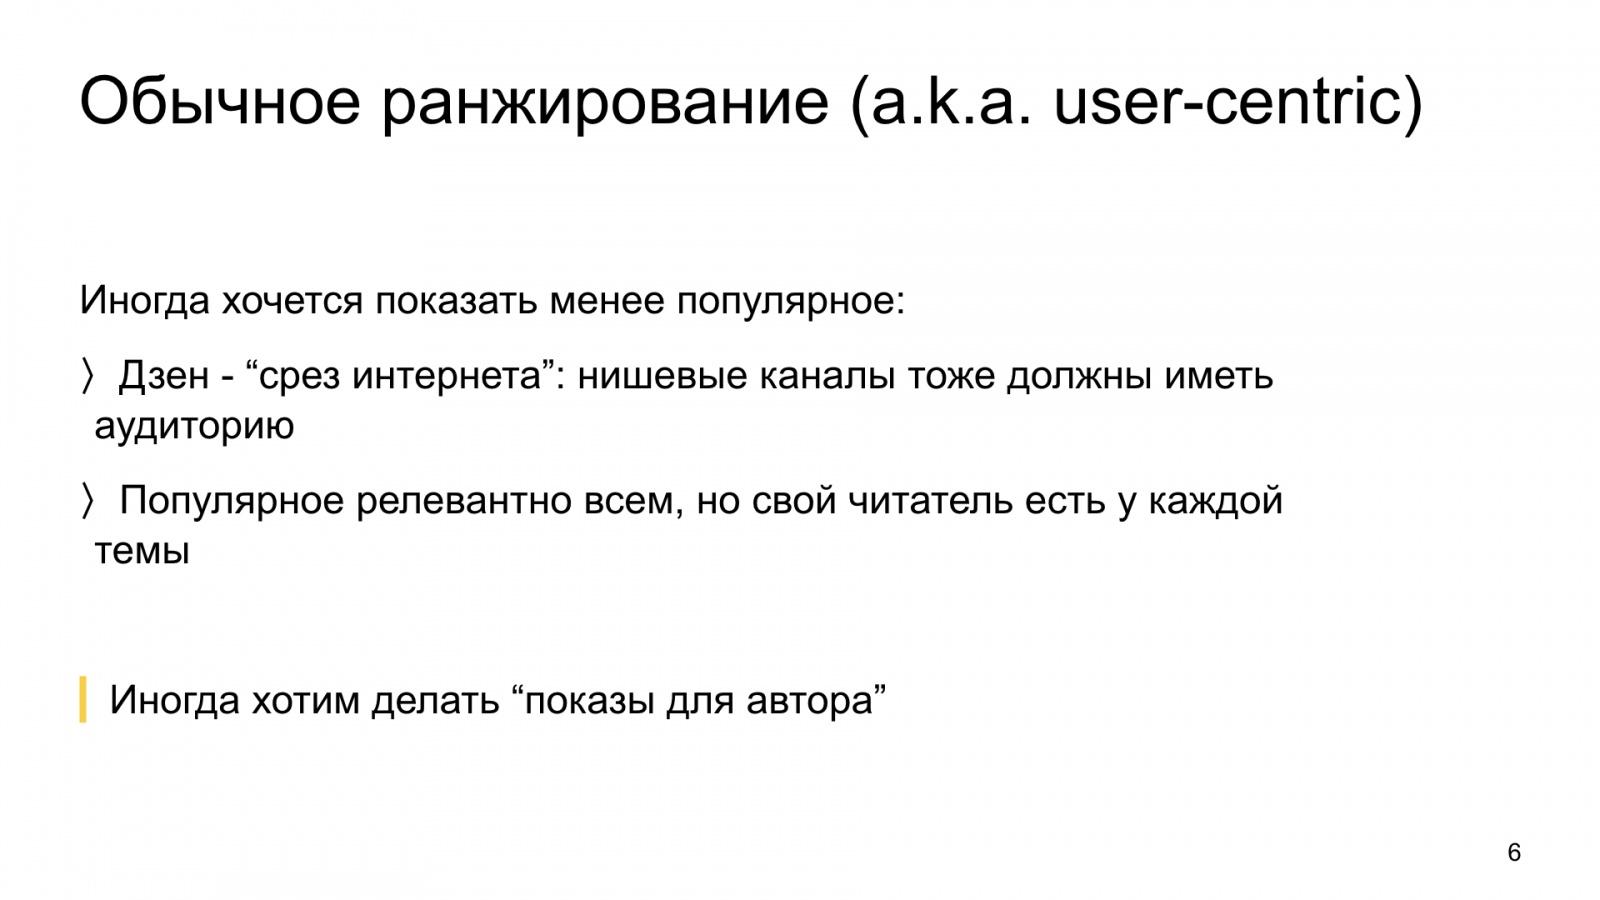 Автороцентричное ранжирование. Доклад Яндекса о поиске релевантной аудитории для авторов Дзена - 6